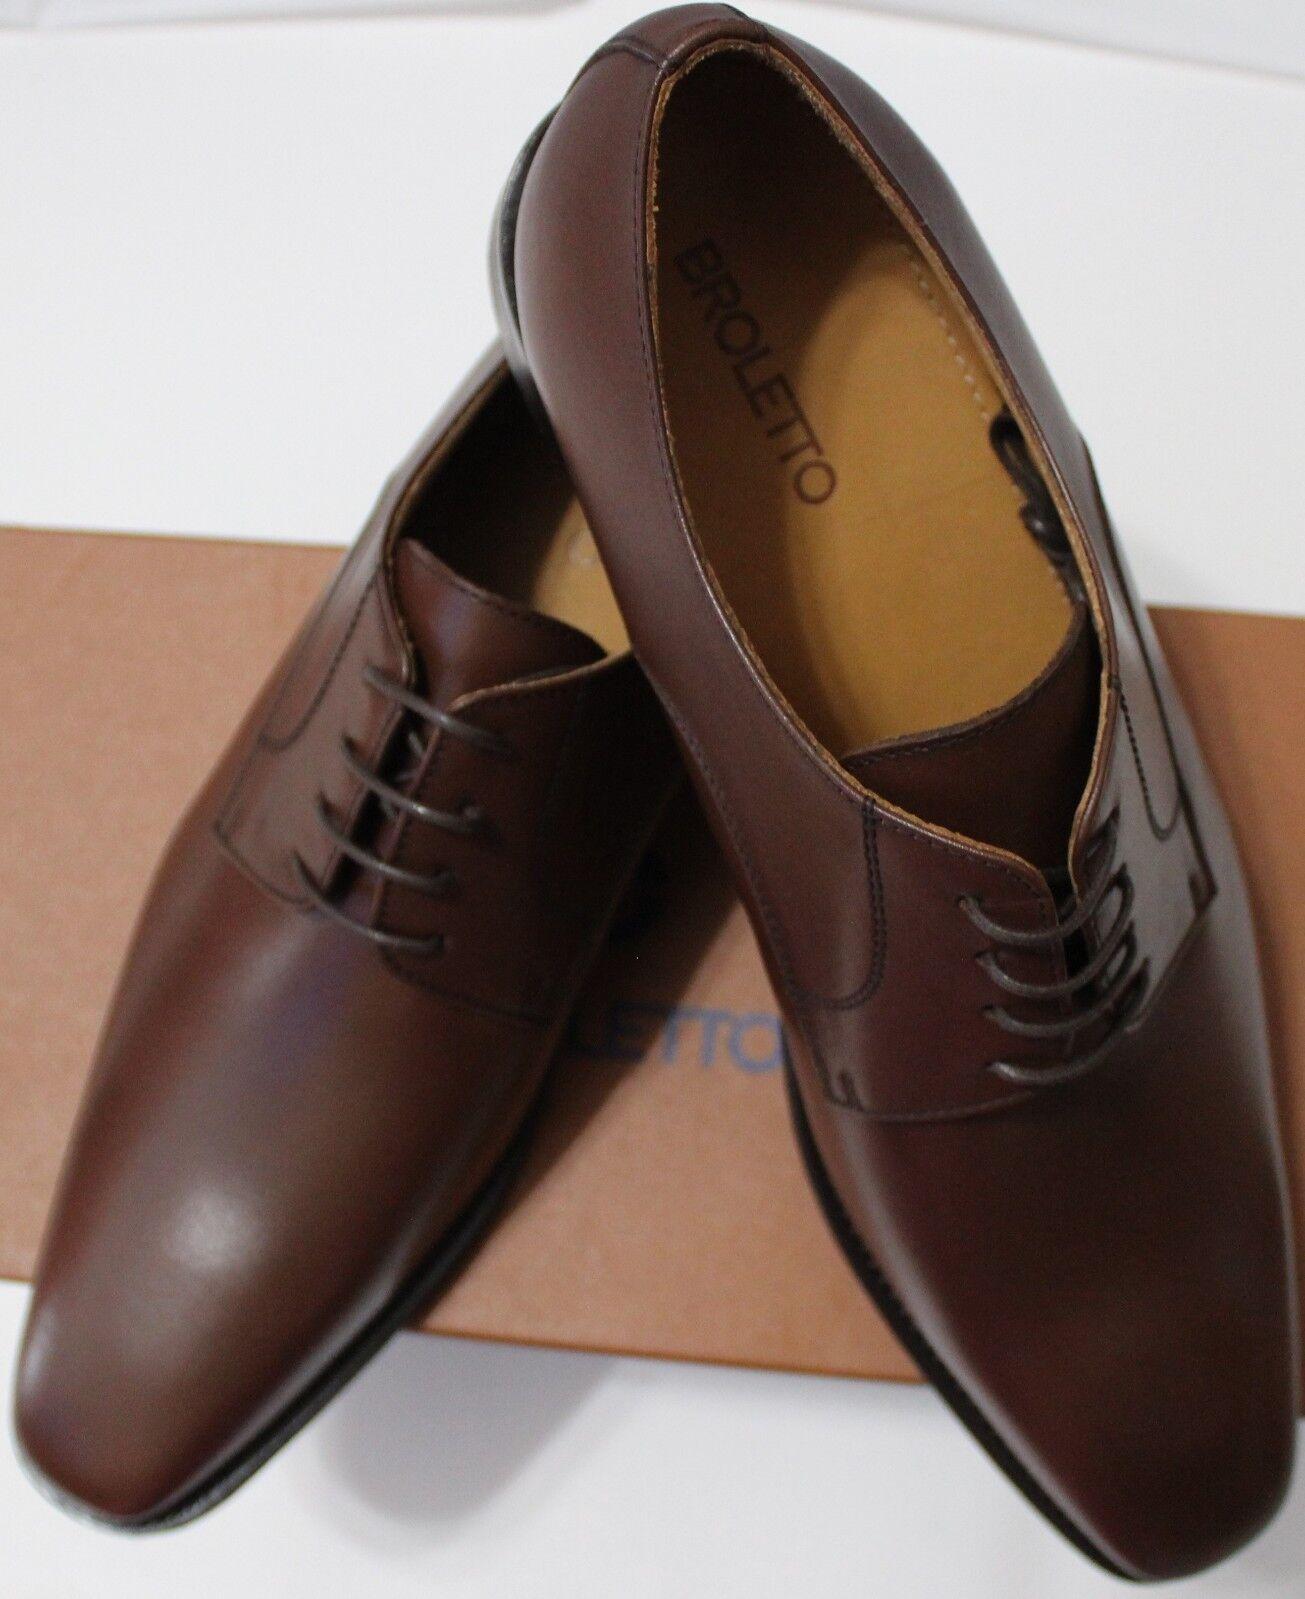 i nuovi marchi outlet online  140 BROLETTO BROLETTO BROLETTO MRDAVID Marrone LEATHER DERBY scarpe  negozio outlet